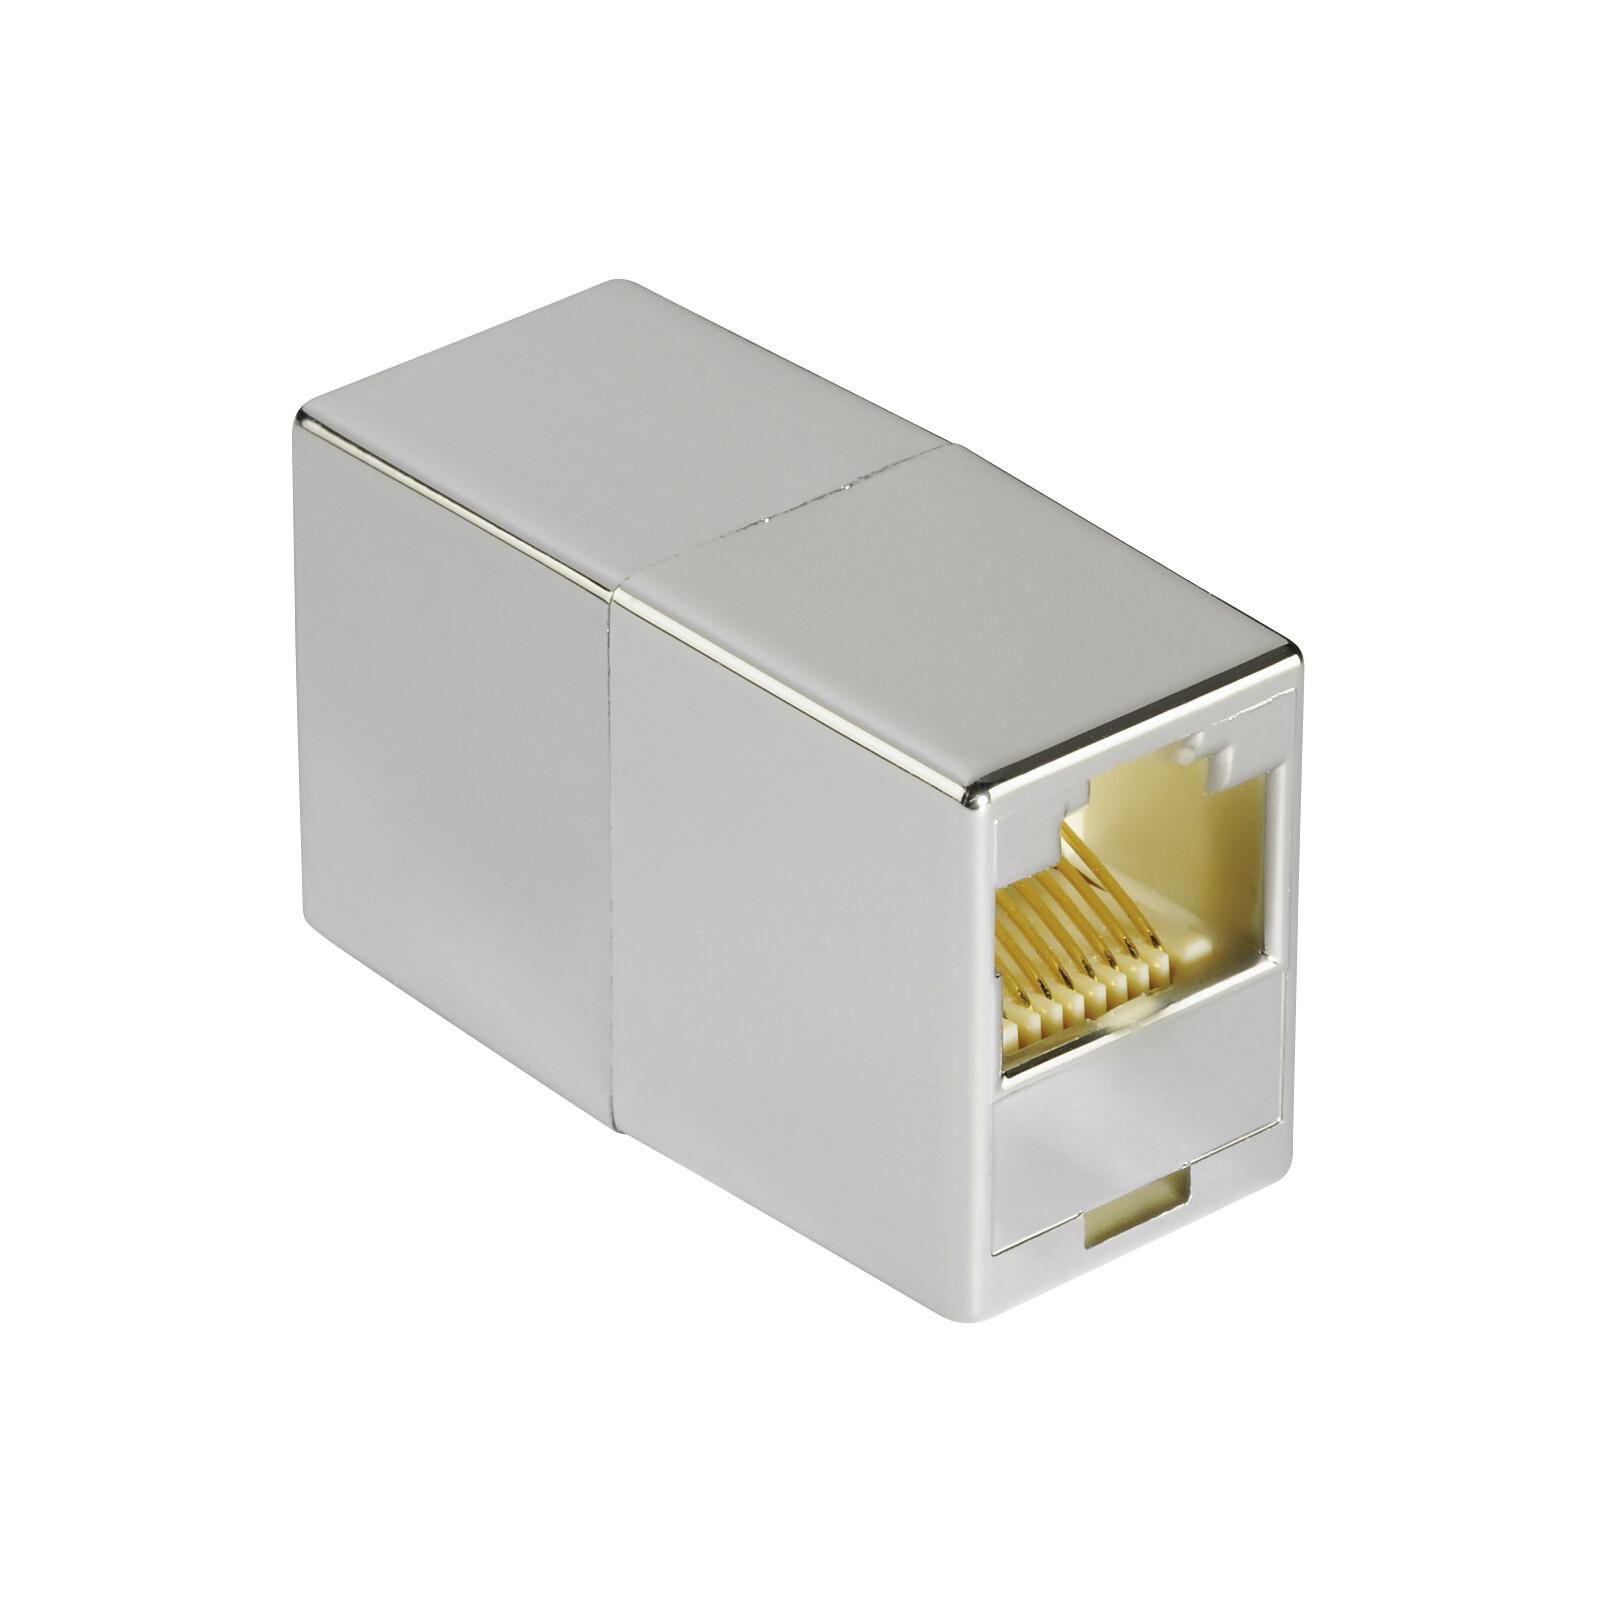 Hama 53776 CAT 6 Netzwerkadapter 2x Modular 8p8c